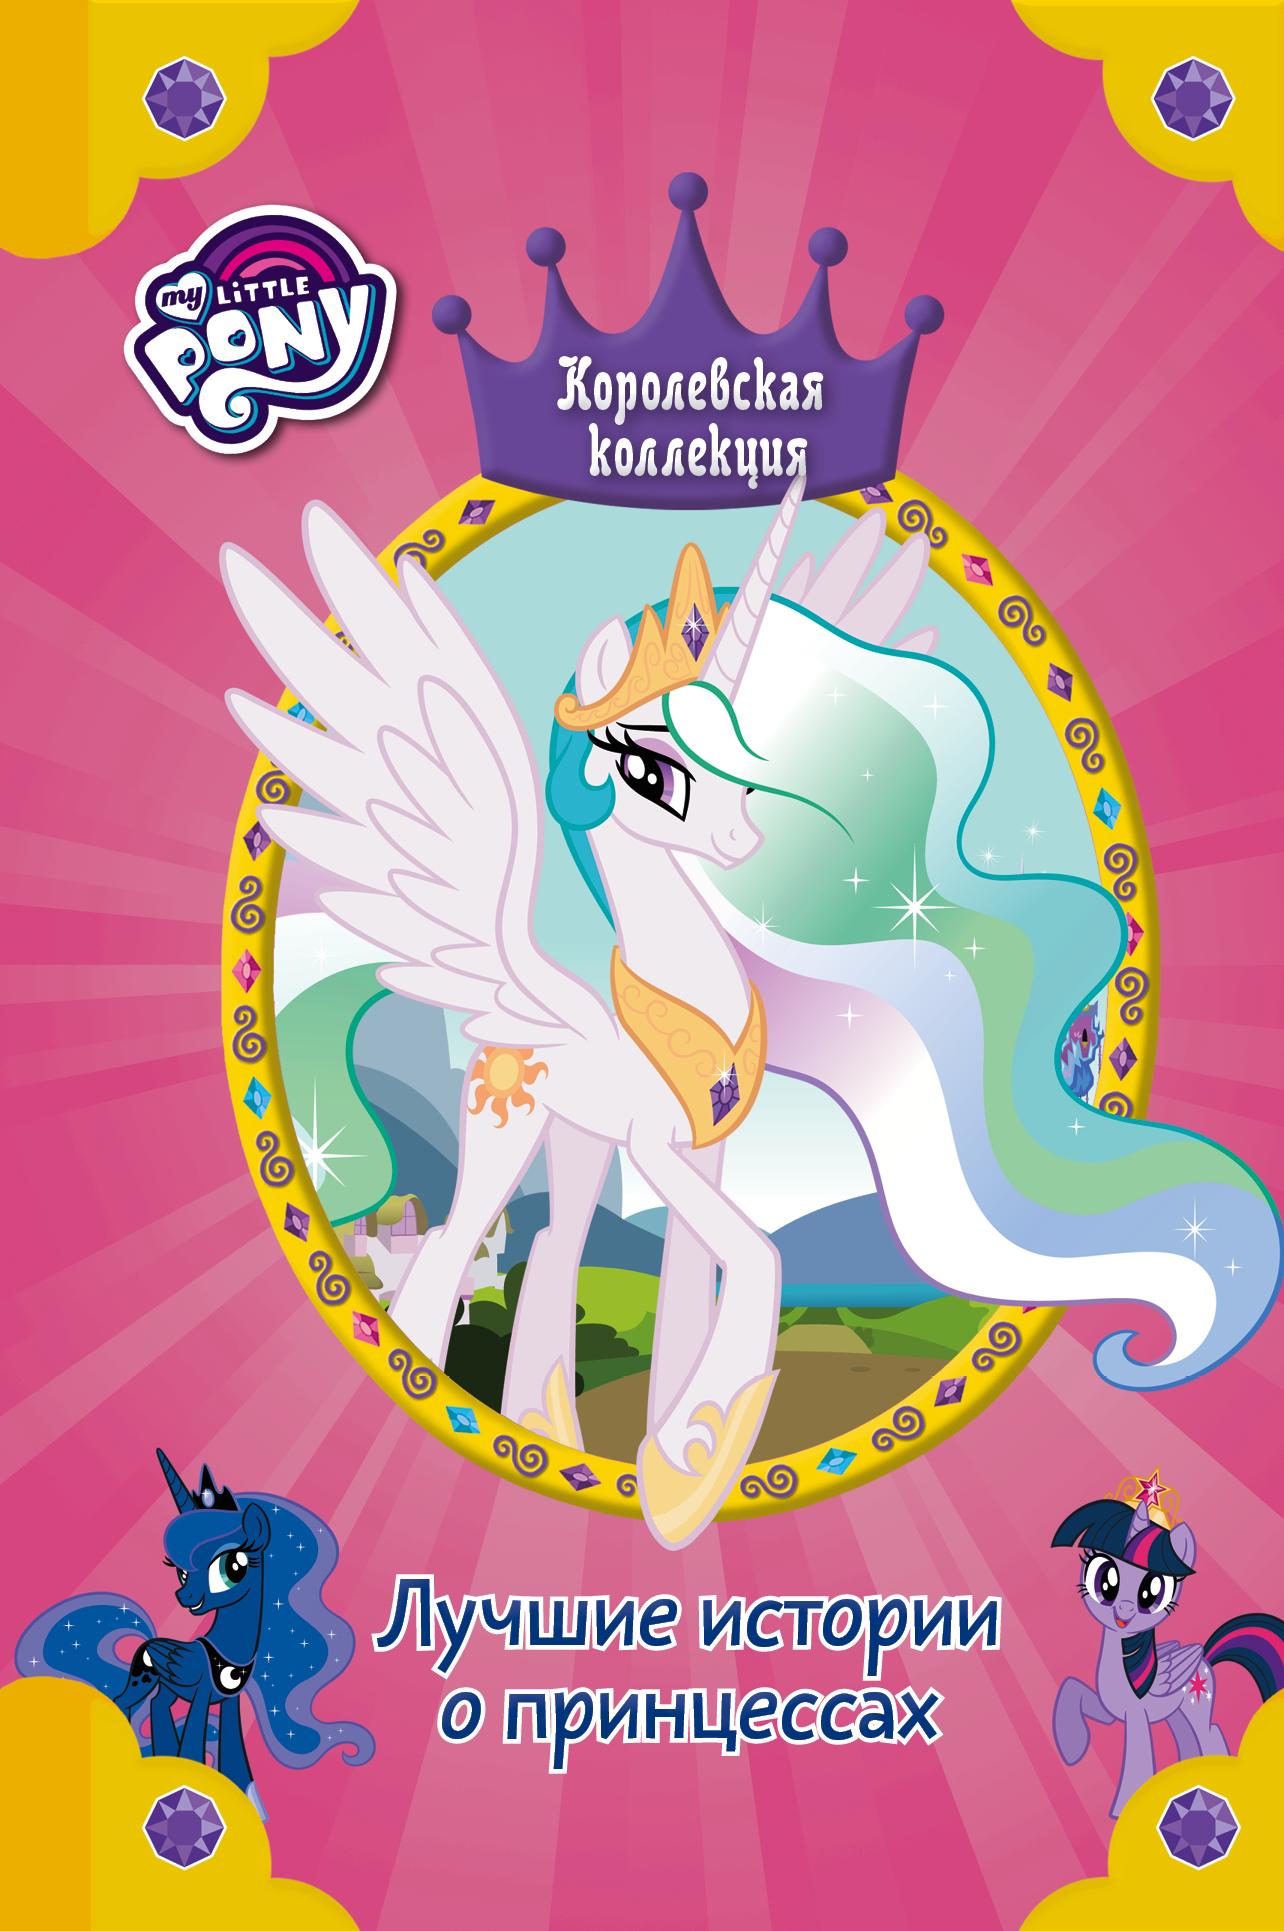 Бэрроу Д.М. Мой маленький пони. Королевская коллекция. Лучшие истории о принцессах